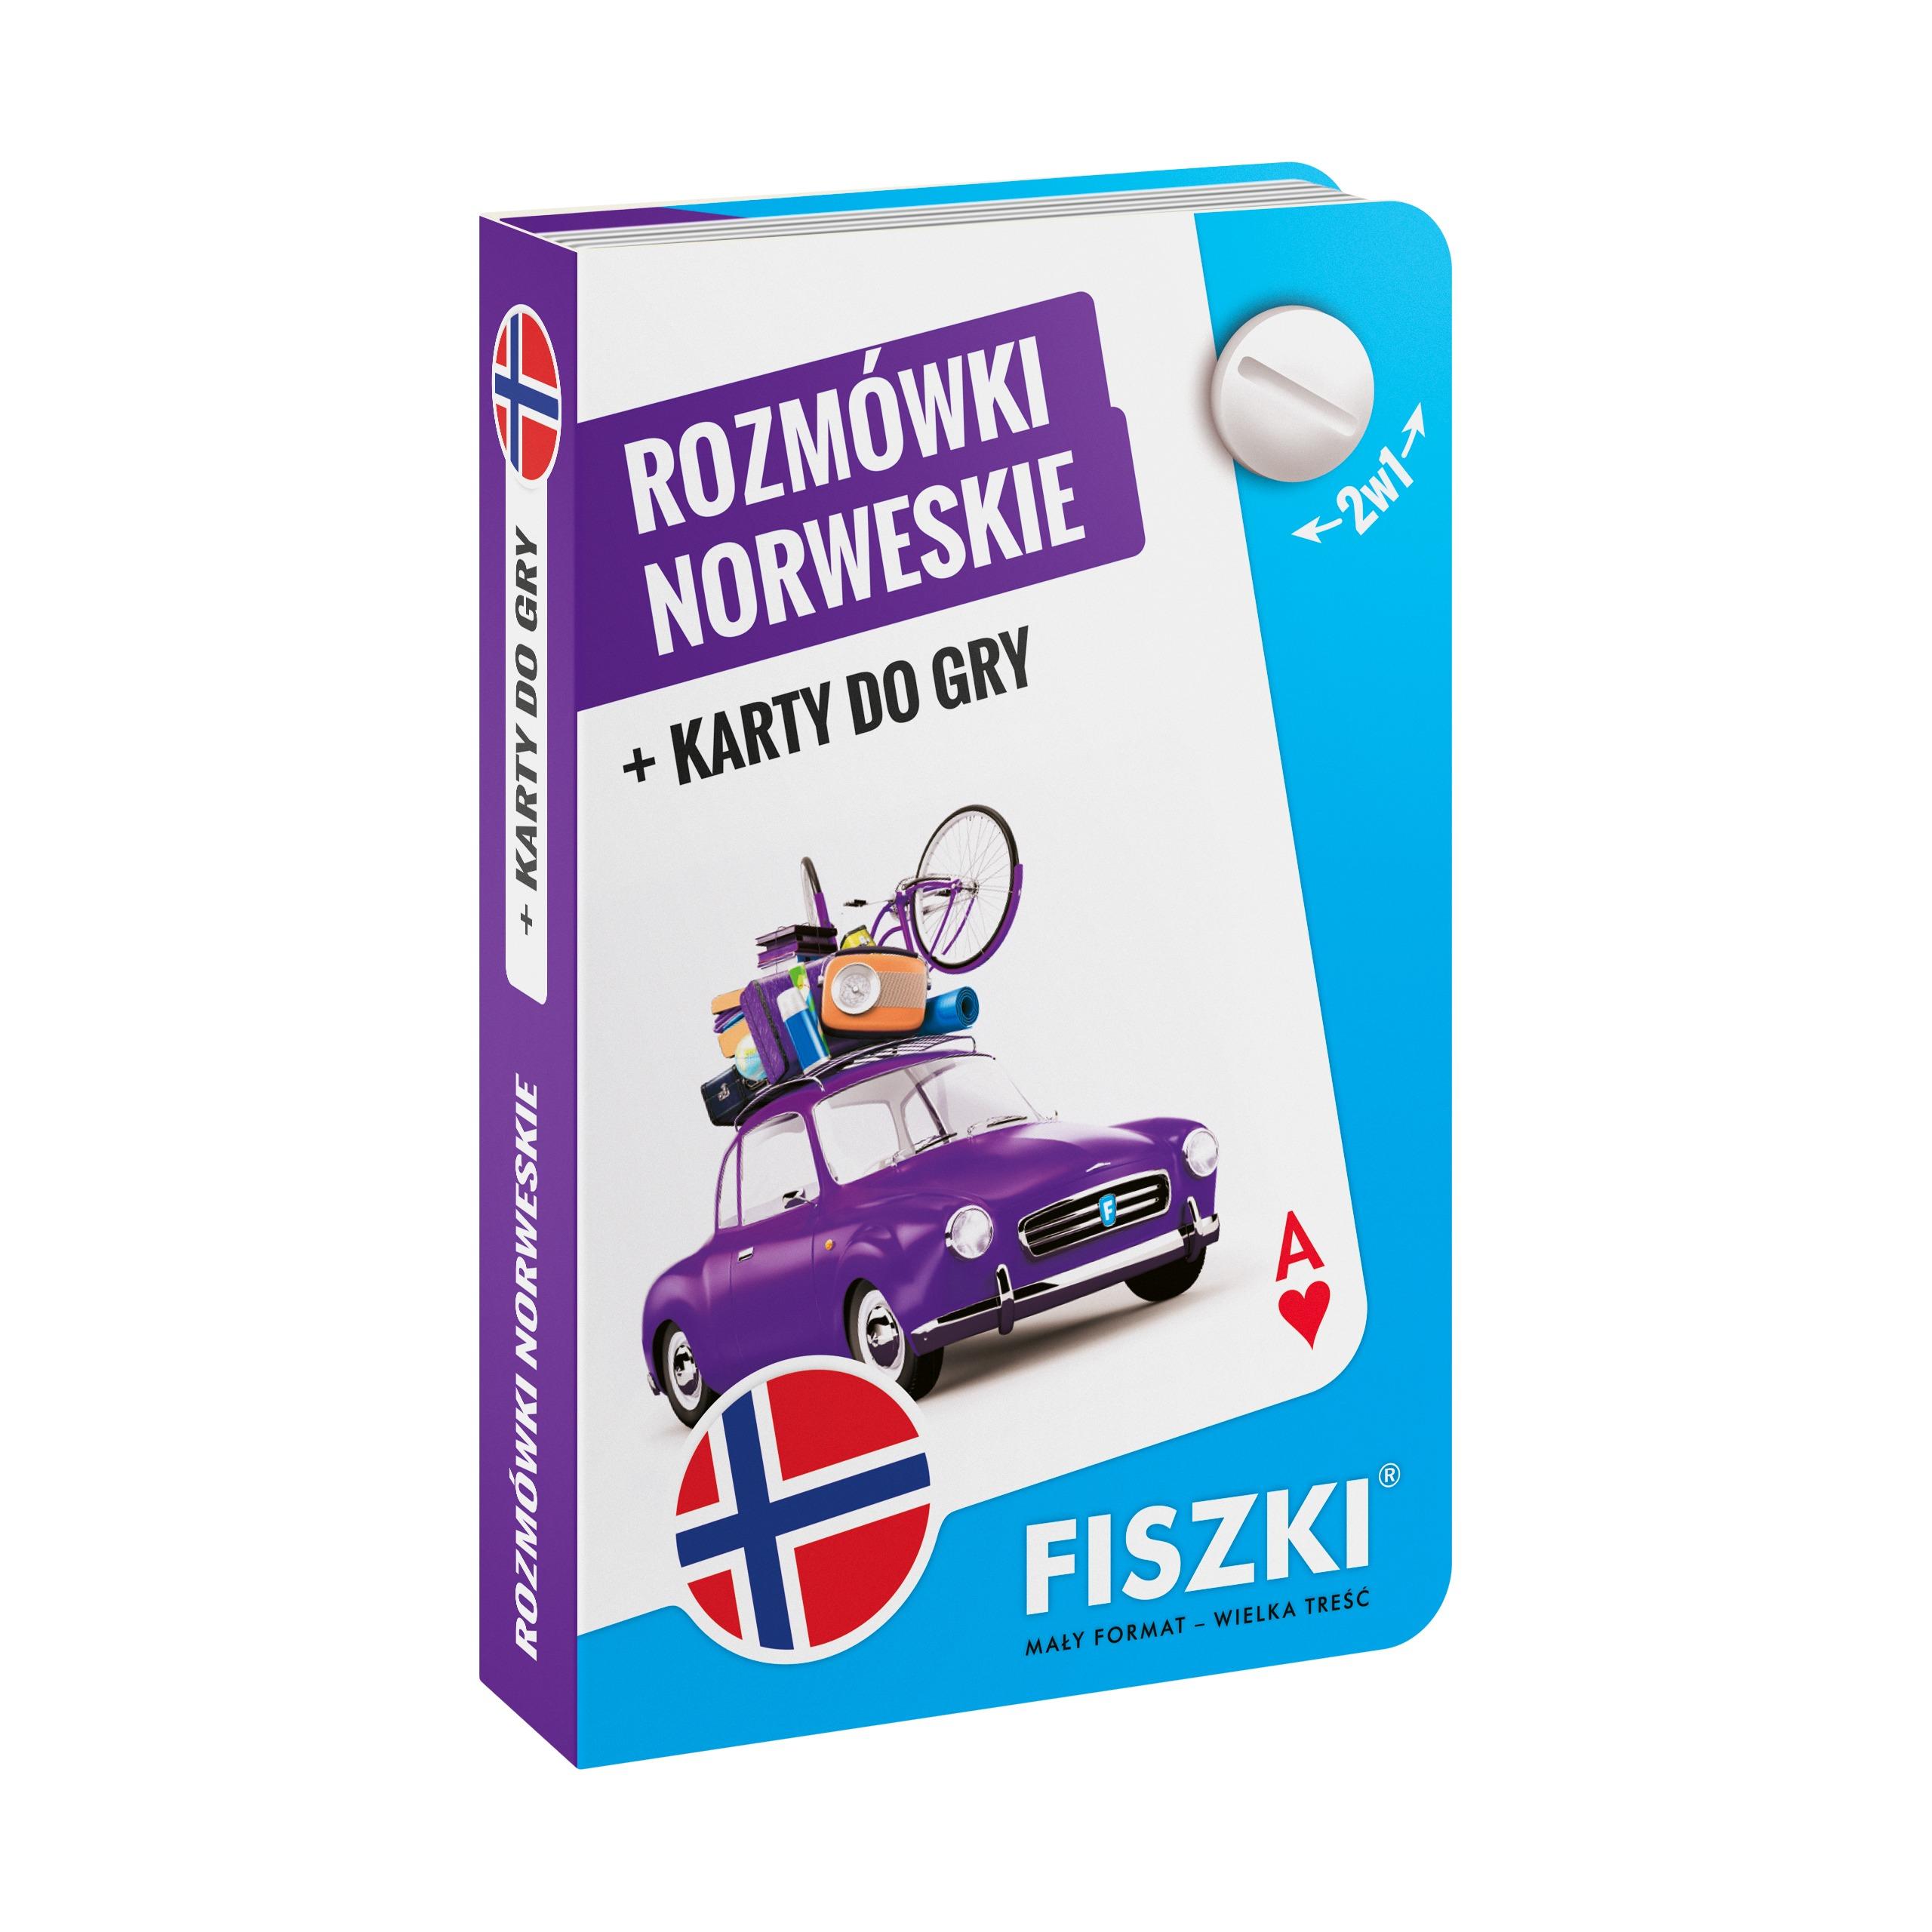 ROZMÓWKI norweskie i karty do gry 2w1